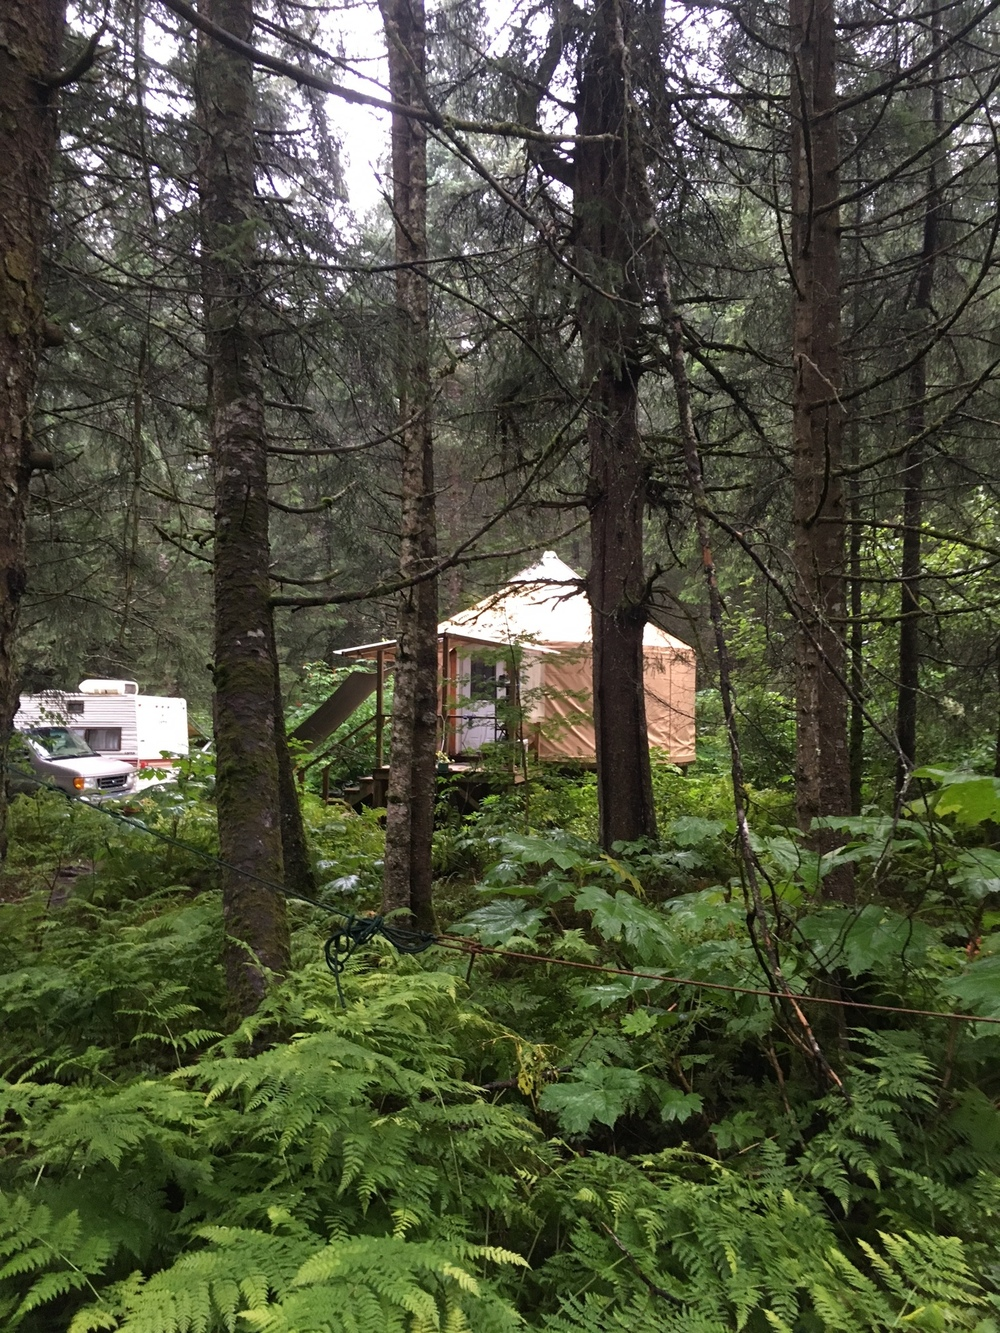 The Sunny Cove yurt